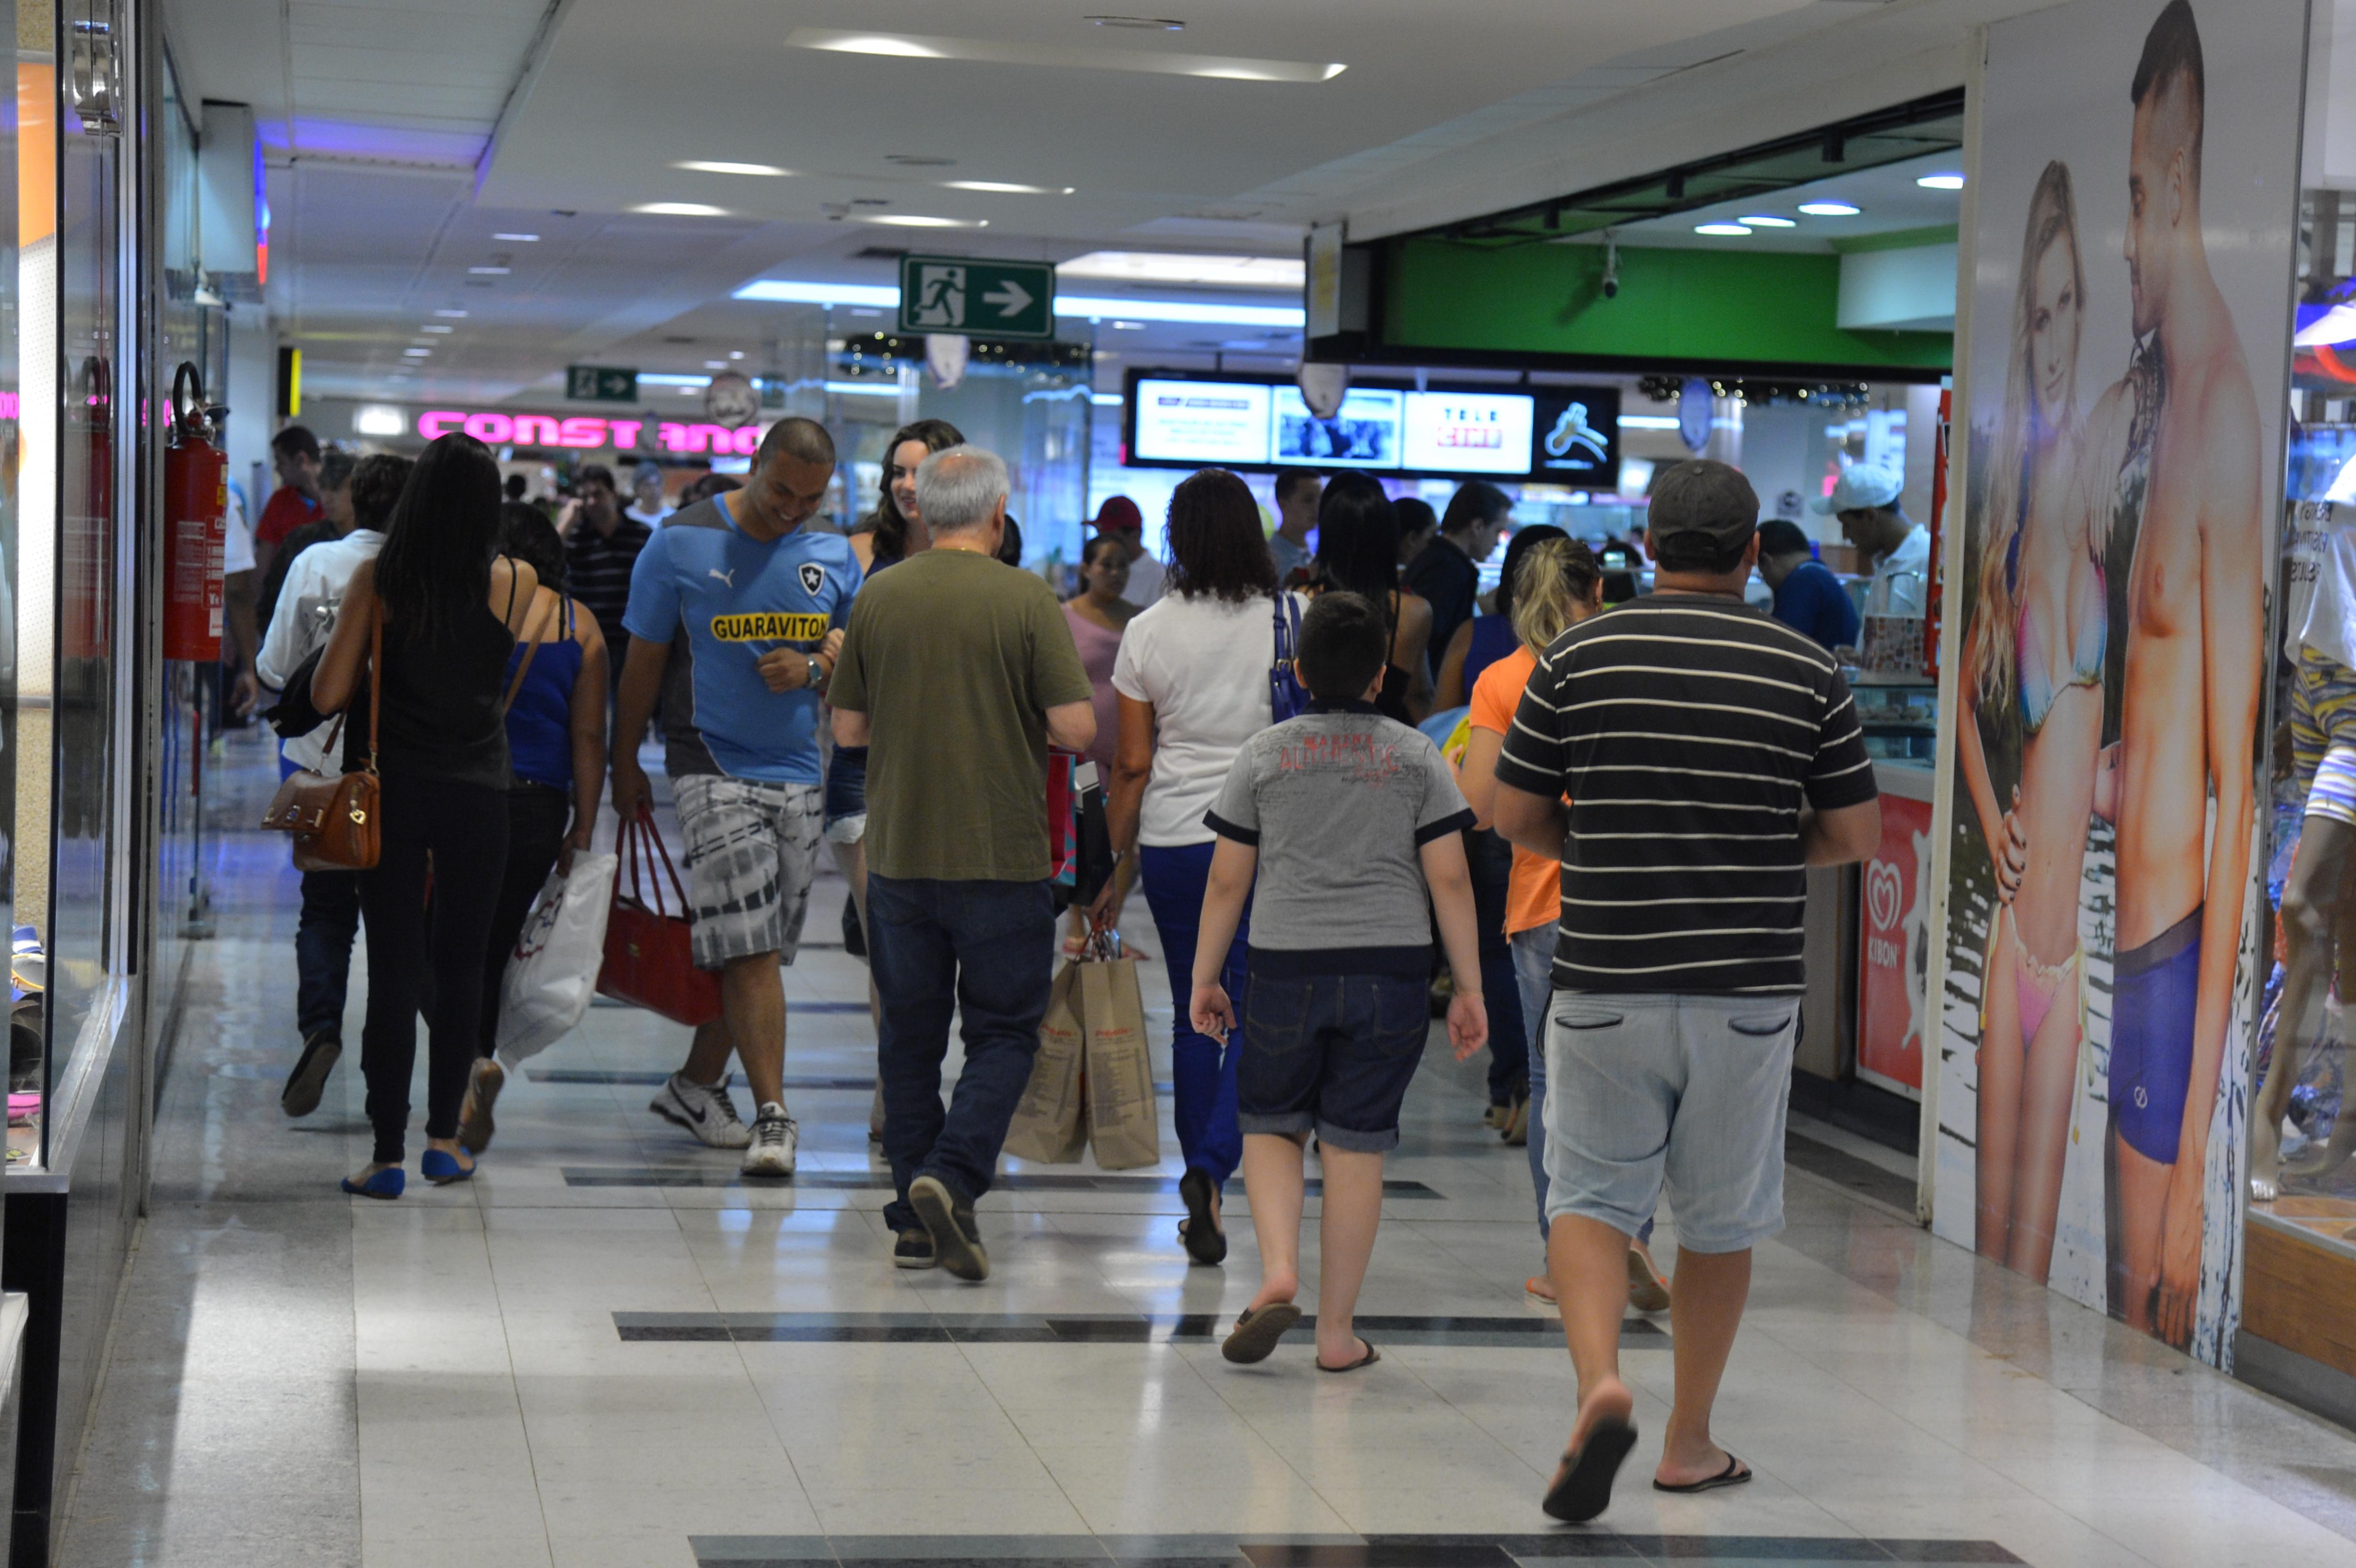 5717c4db8 Pesquisa revela que 78% dos consumidores devem ir às compras no Dia das  Mães | Agência do Rádio Brasileiro